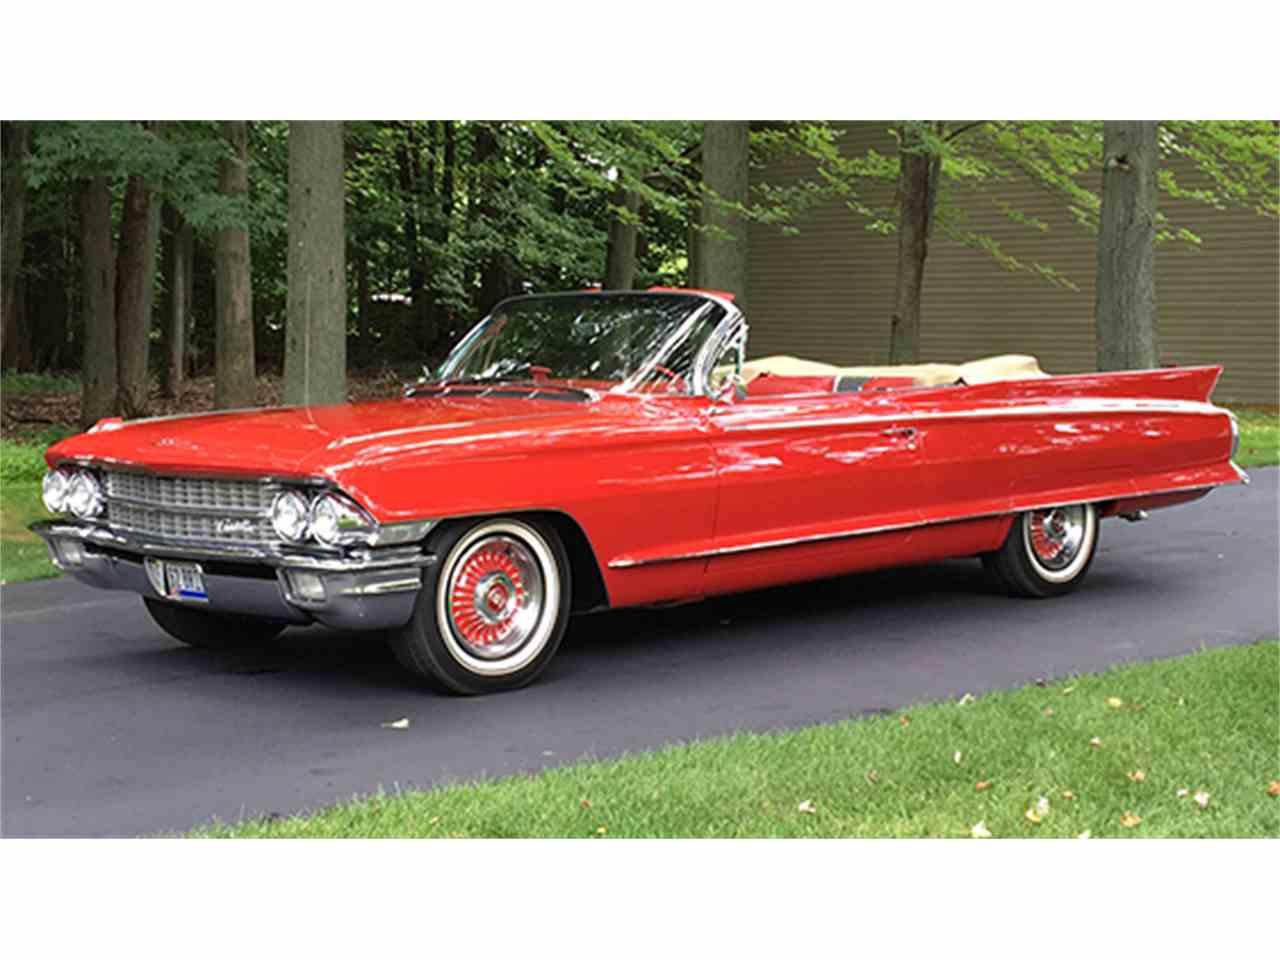 1962 Cadillac El Dorado